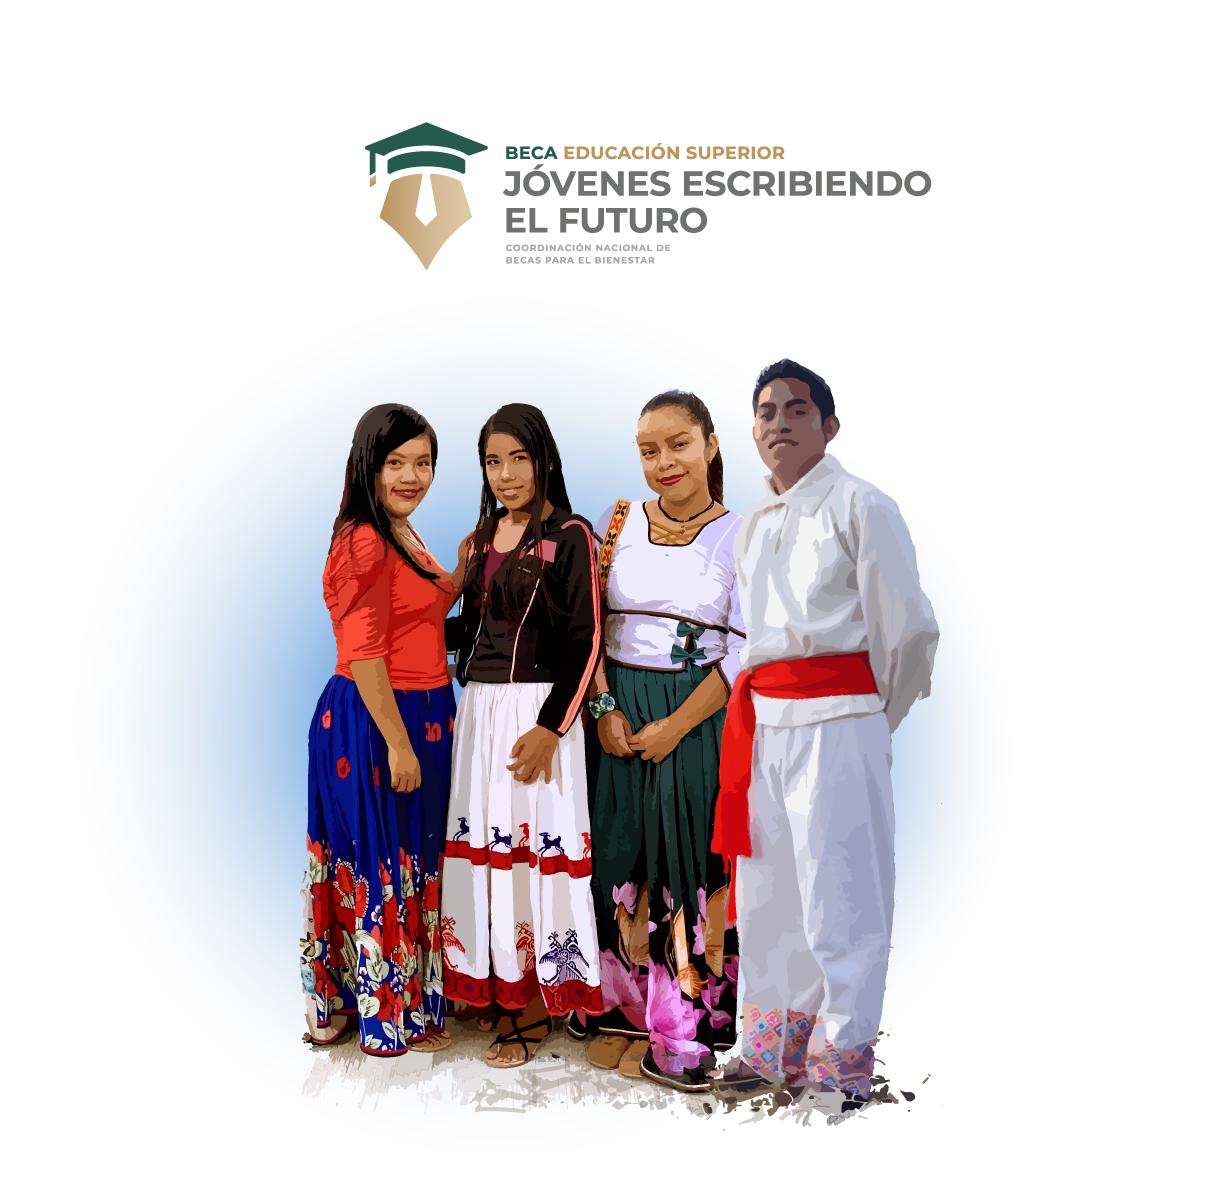 Aquí puedes encontrar más información sobre el Programa de Becas de Educación Superior